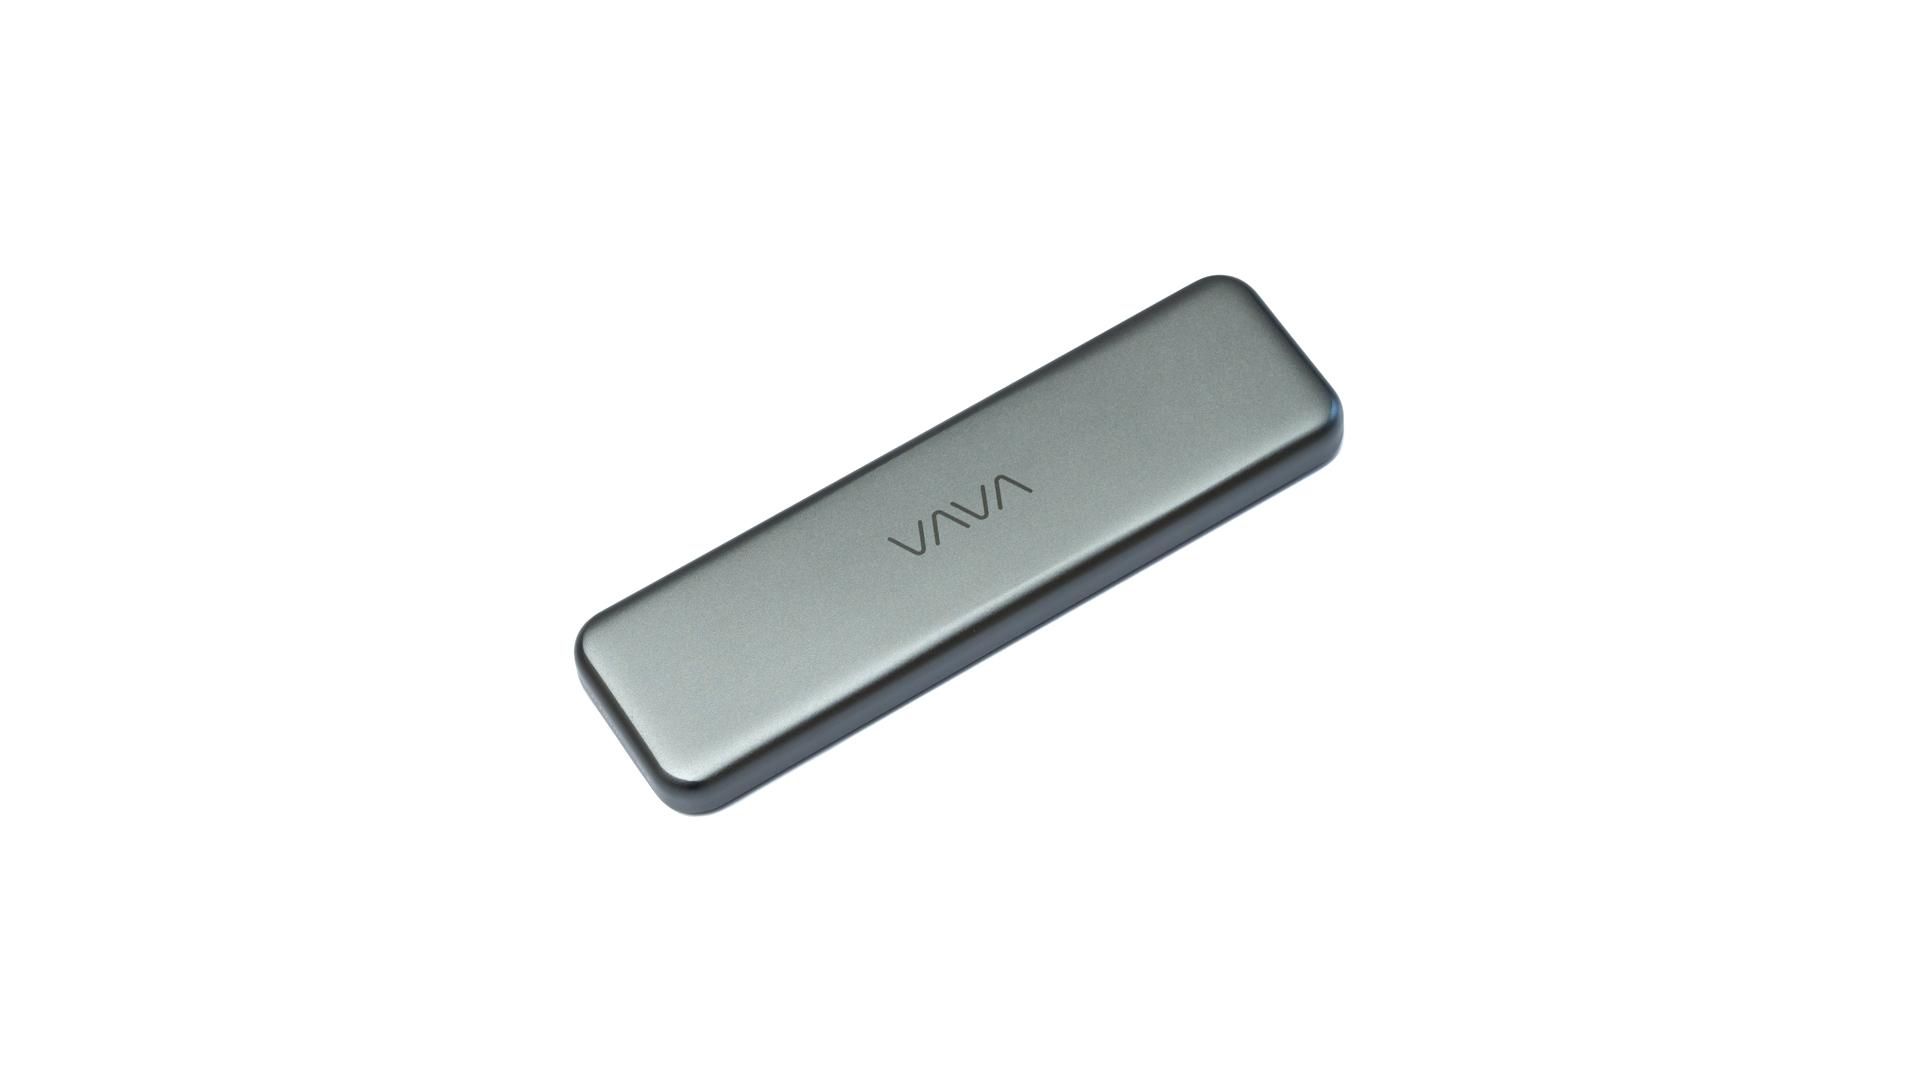 コンパクト&軽量なVAVAのポータブルSSD「VA-UM003」をレビュー